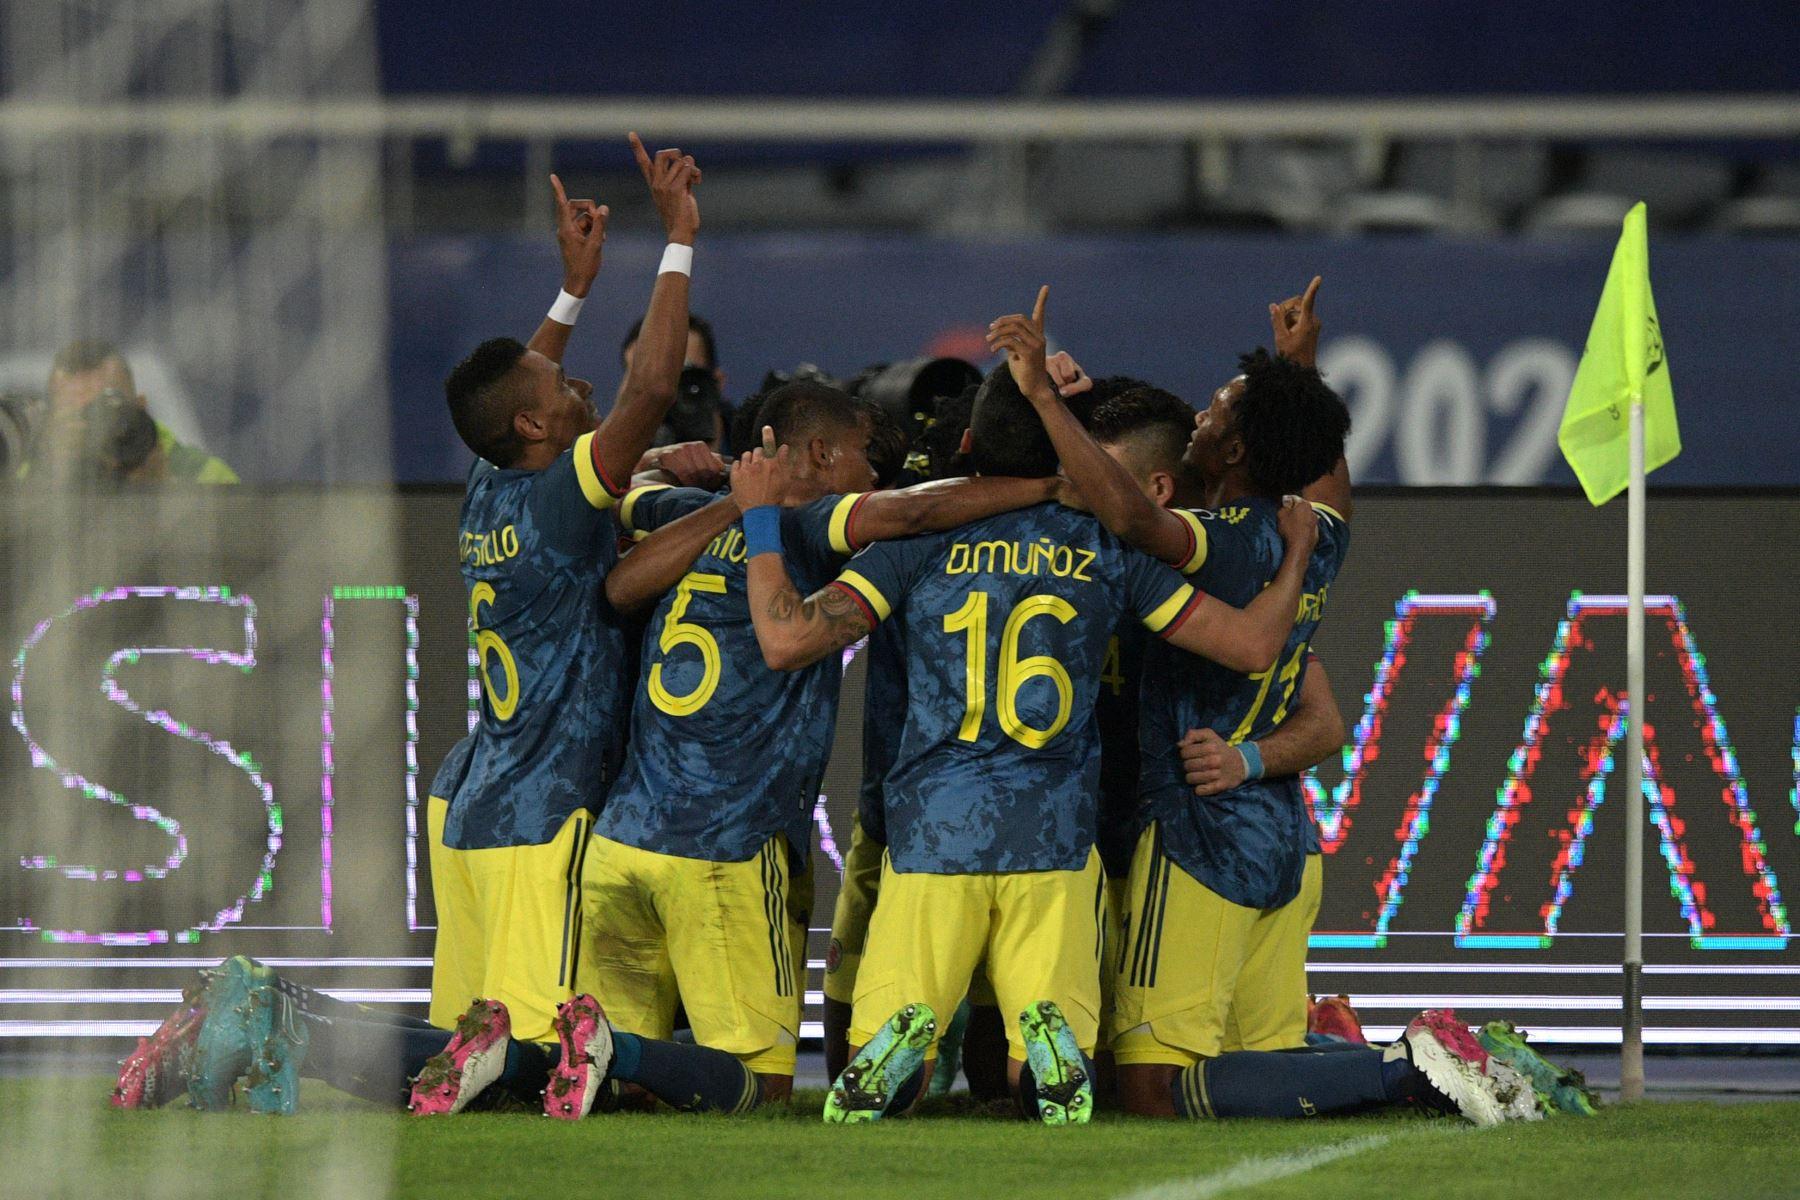 Los jugadores de Colombia celebran tras anotar contra Brasil durante el partido de la fase de grupos del torneo de fútbol Conmebol Copa América 2021, en el Estadio Nilton Santos de Río de Janeiro, Brasil. Foto: AFP